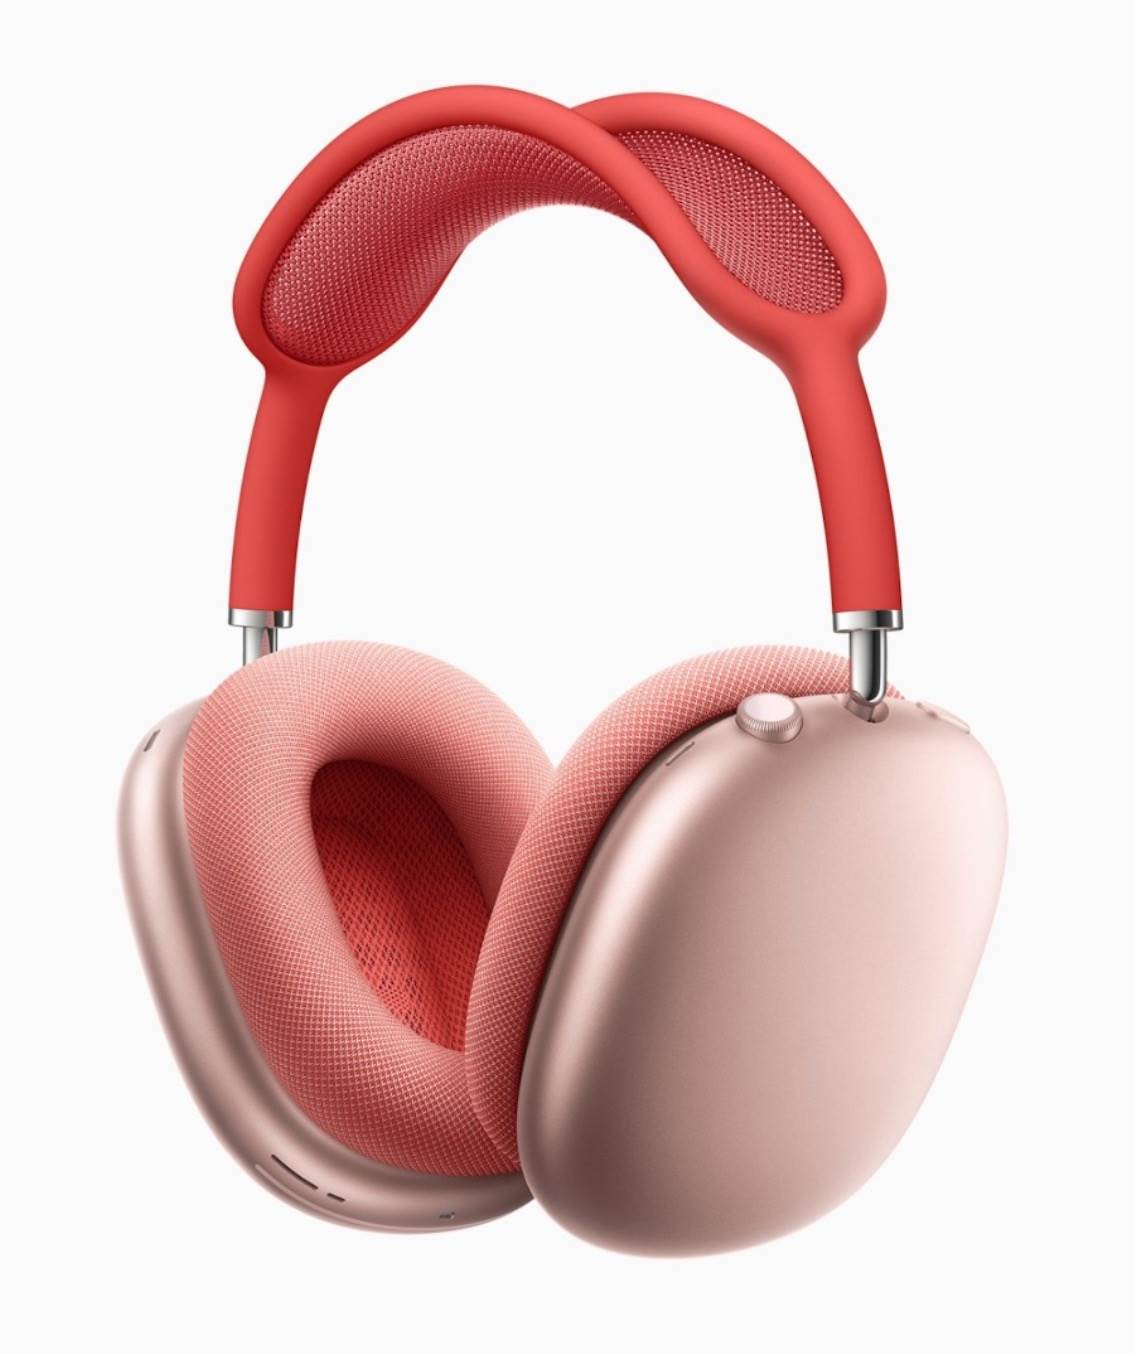 Apple przedstawia nauszne słuchawki AirPods Max polecane, ciekawostki sluchawki nauszne, ile kosztuja AirPods Max, ile kosztują, cena Airpods Max w polsce, cena, Apple, AirPods Max  Dosłownie kilka chwil temu, Apple przedstawiło światu nowe nauszne słuchawki z redukcją szumów i dźwiękiem przestrzennym. Poznajcie AirPods Max. 1@2x 4